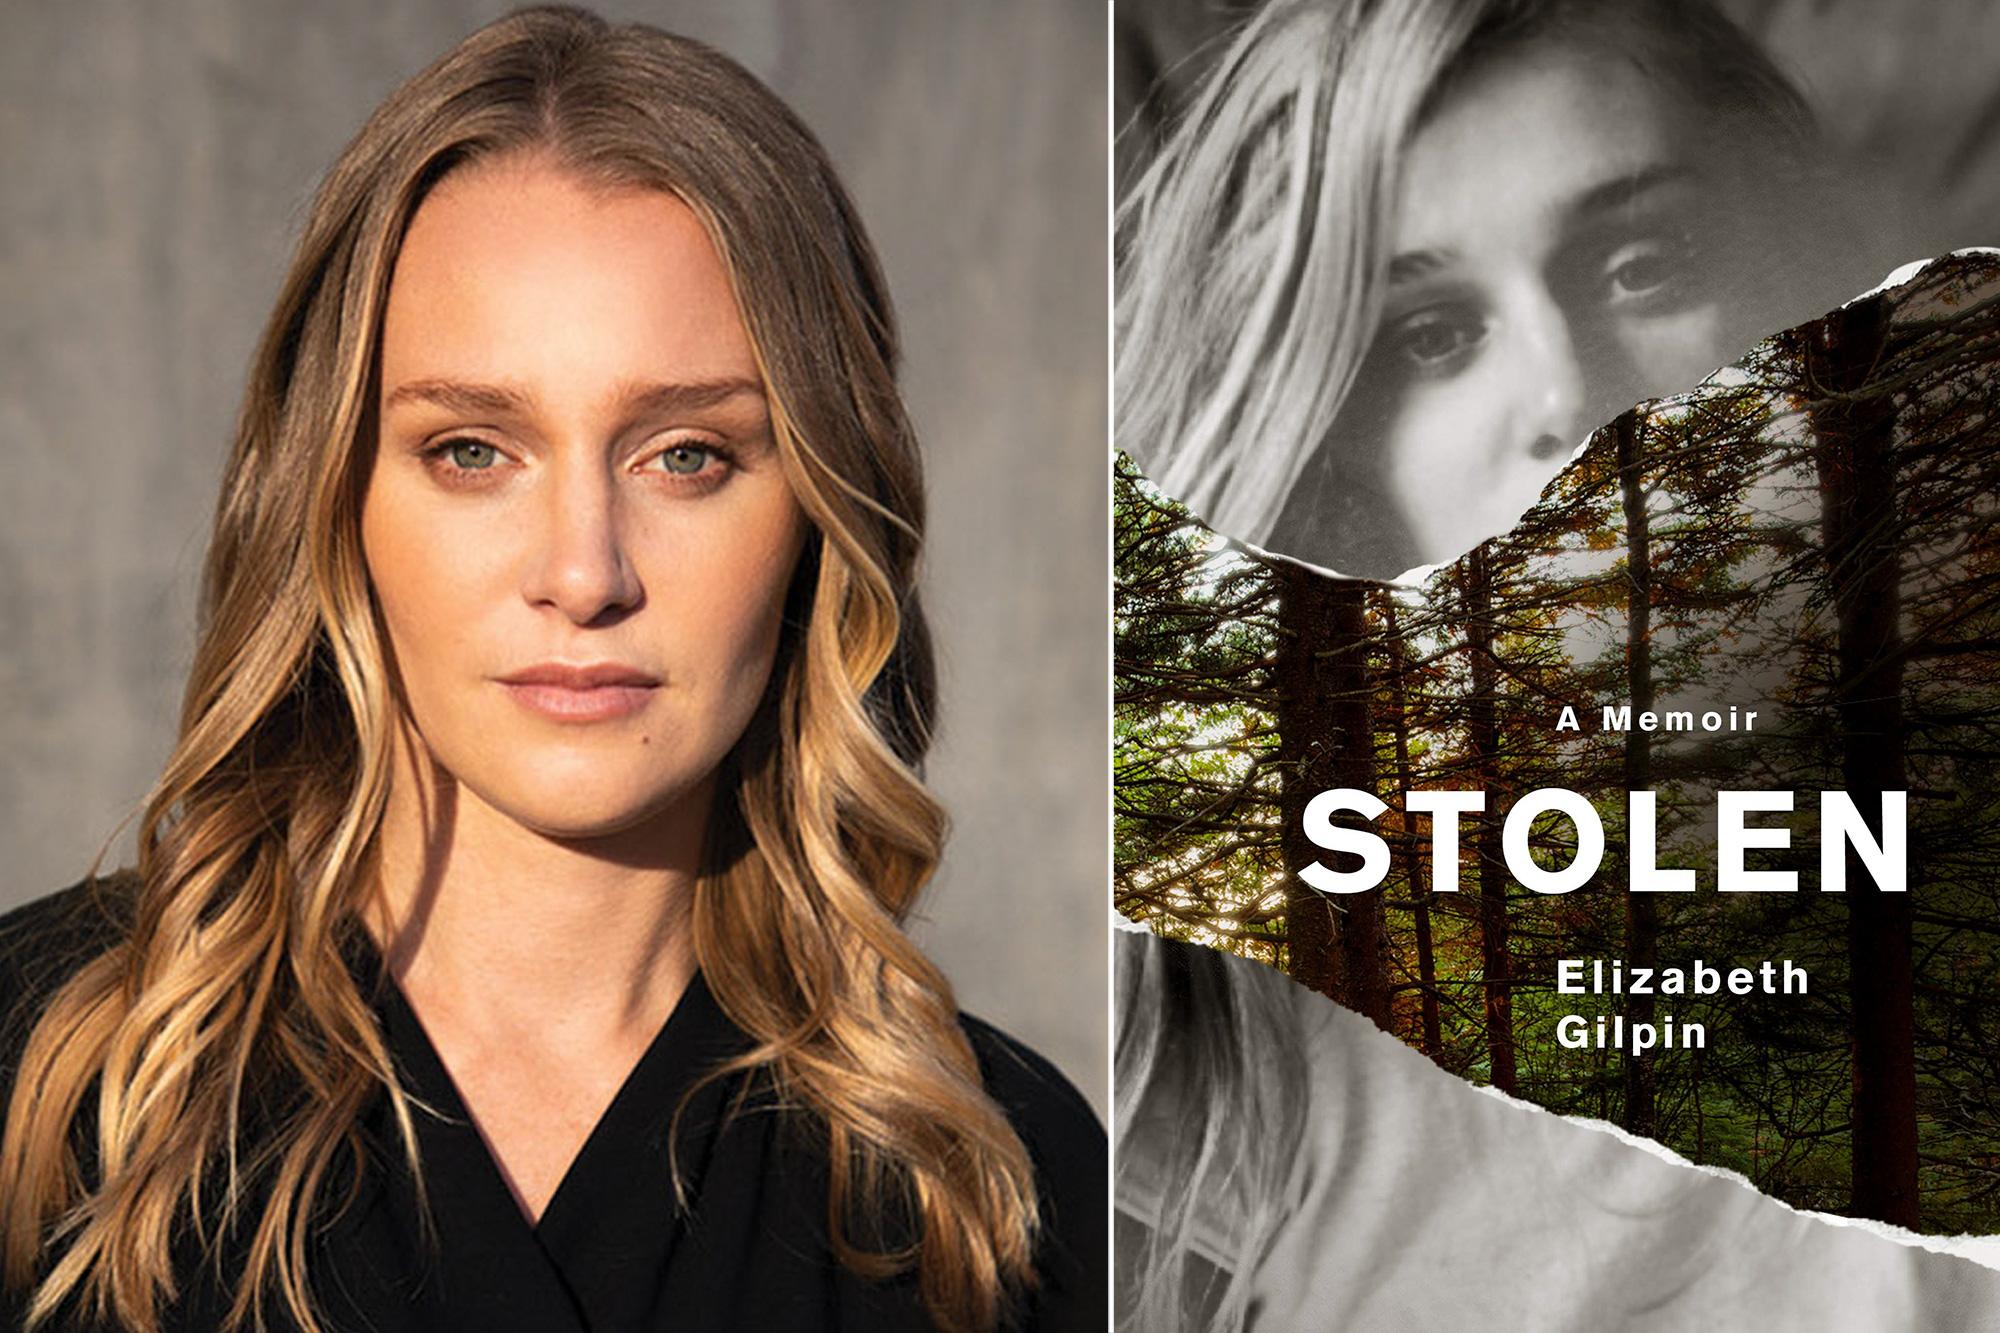 Elizabeth Gilpin, Stolen